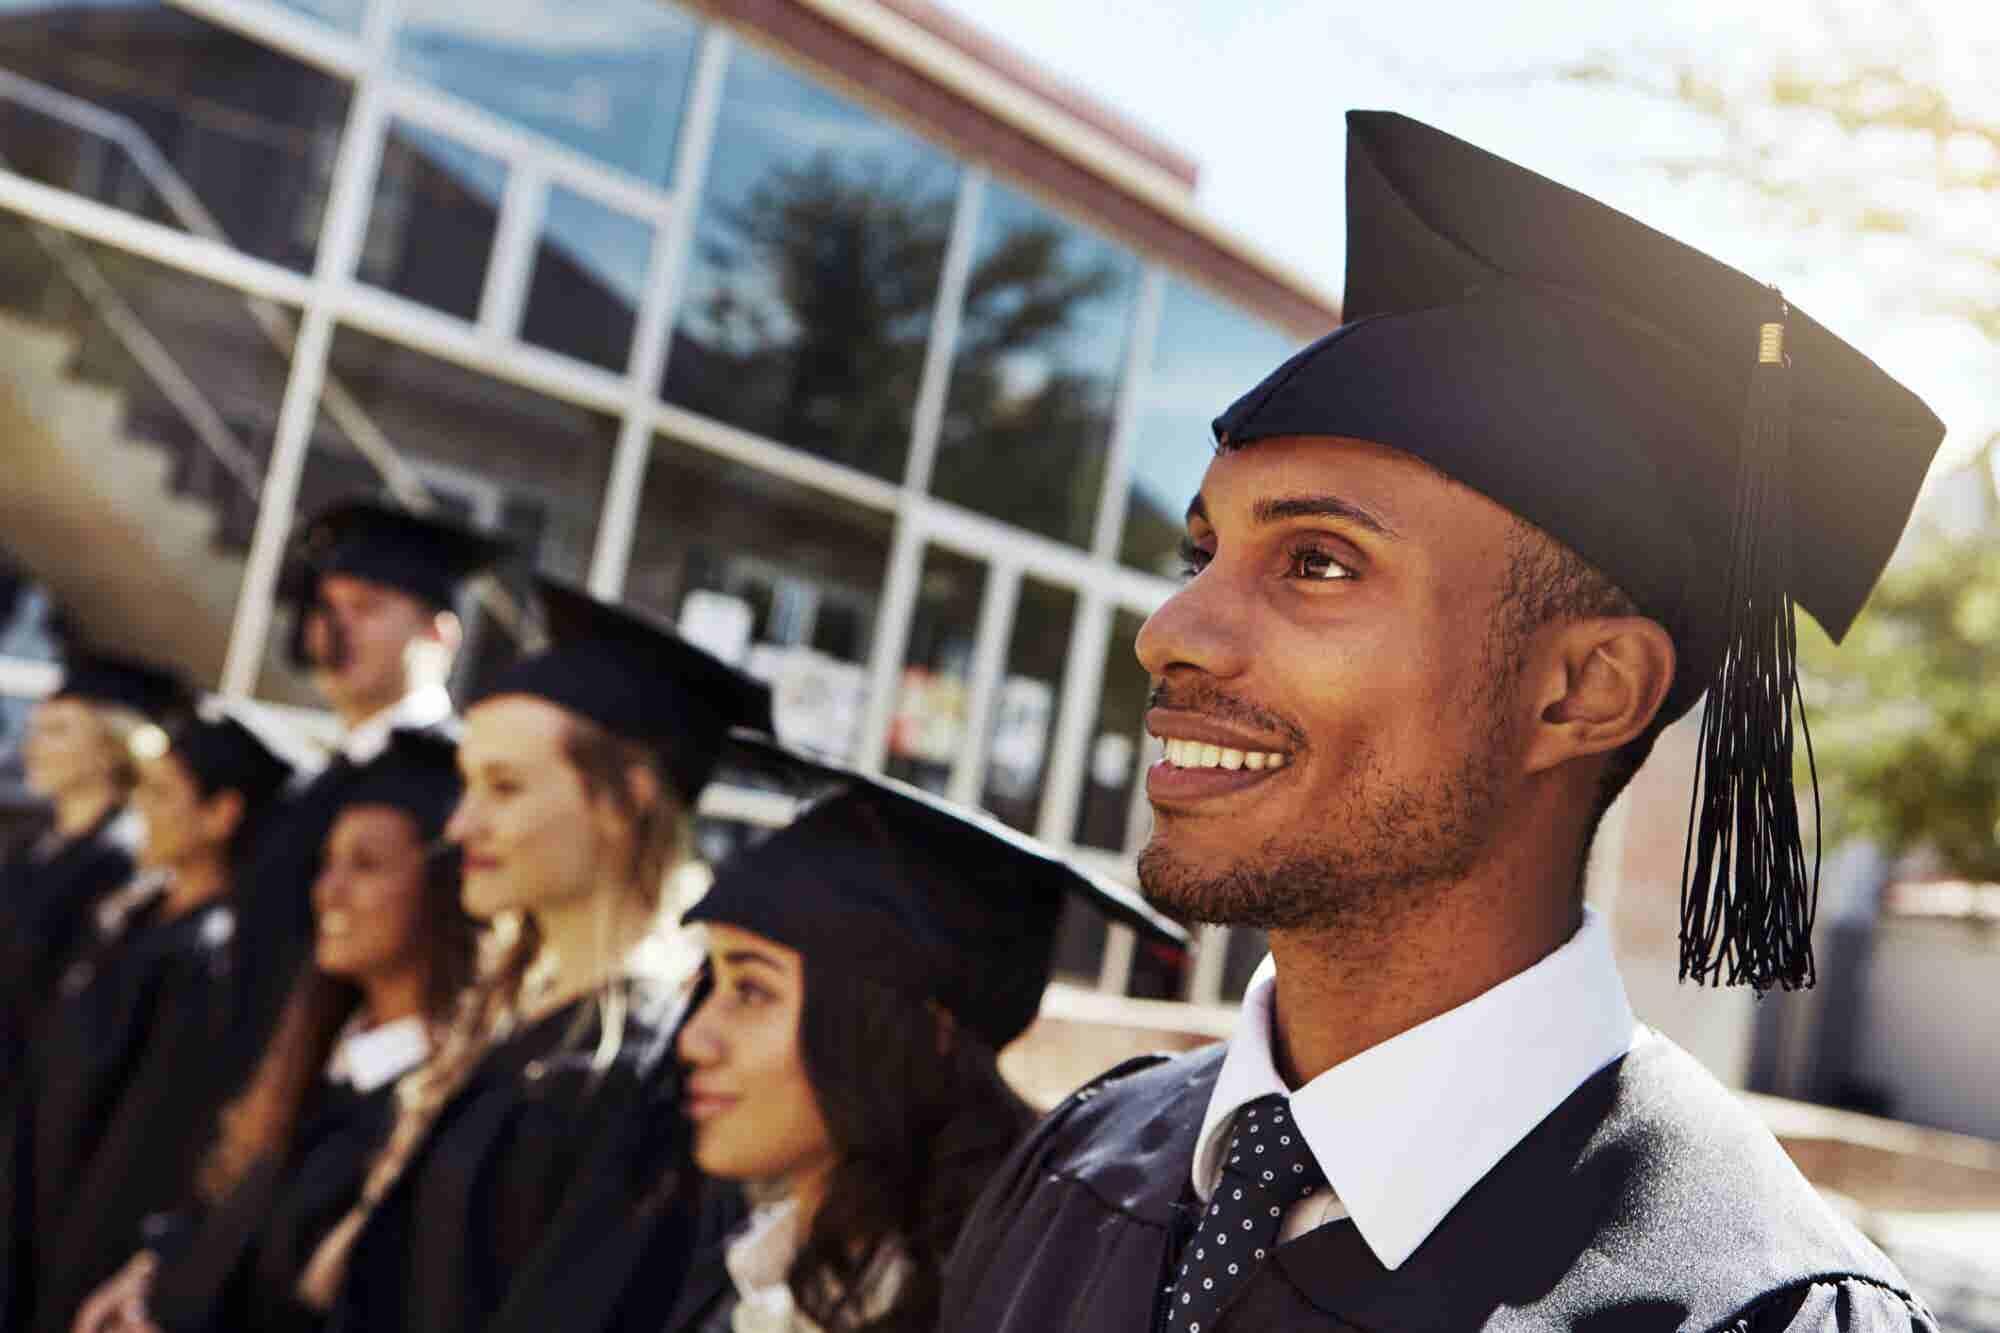 Top 25 Best Grad Programs for Entrepreneurs in 2019